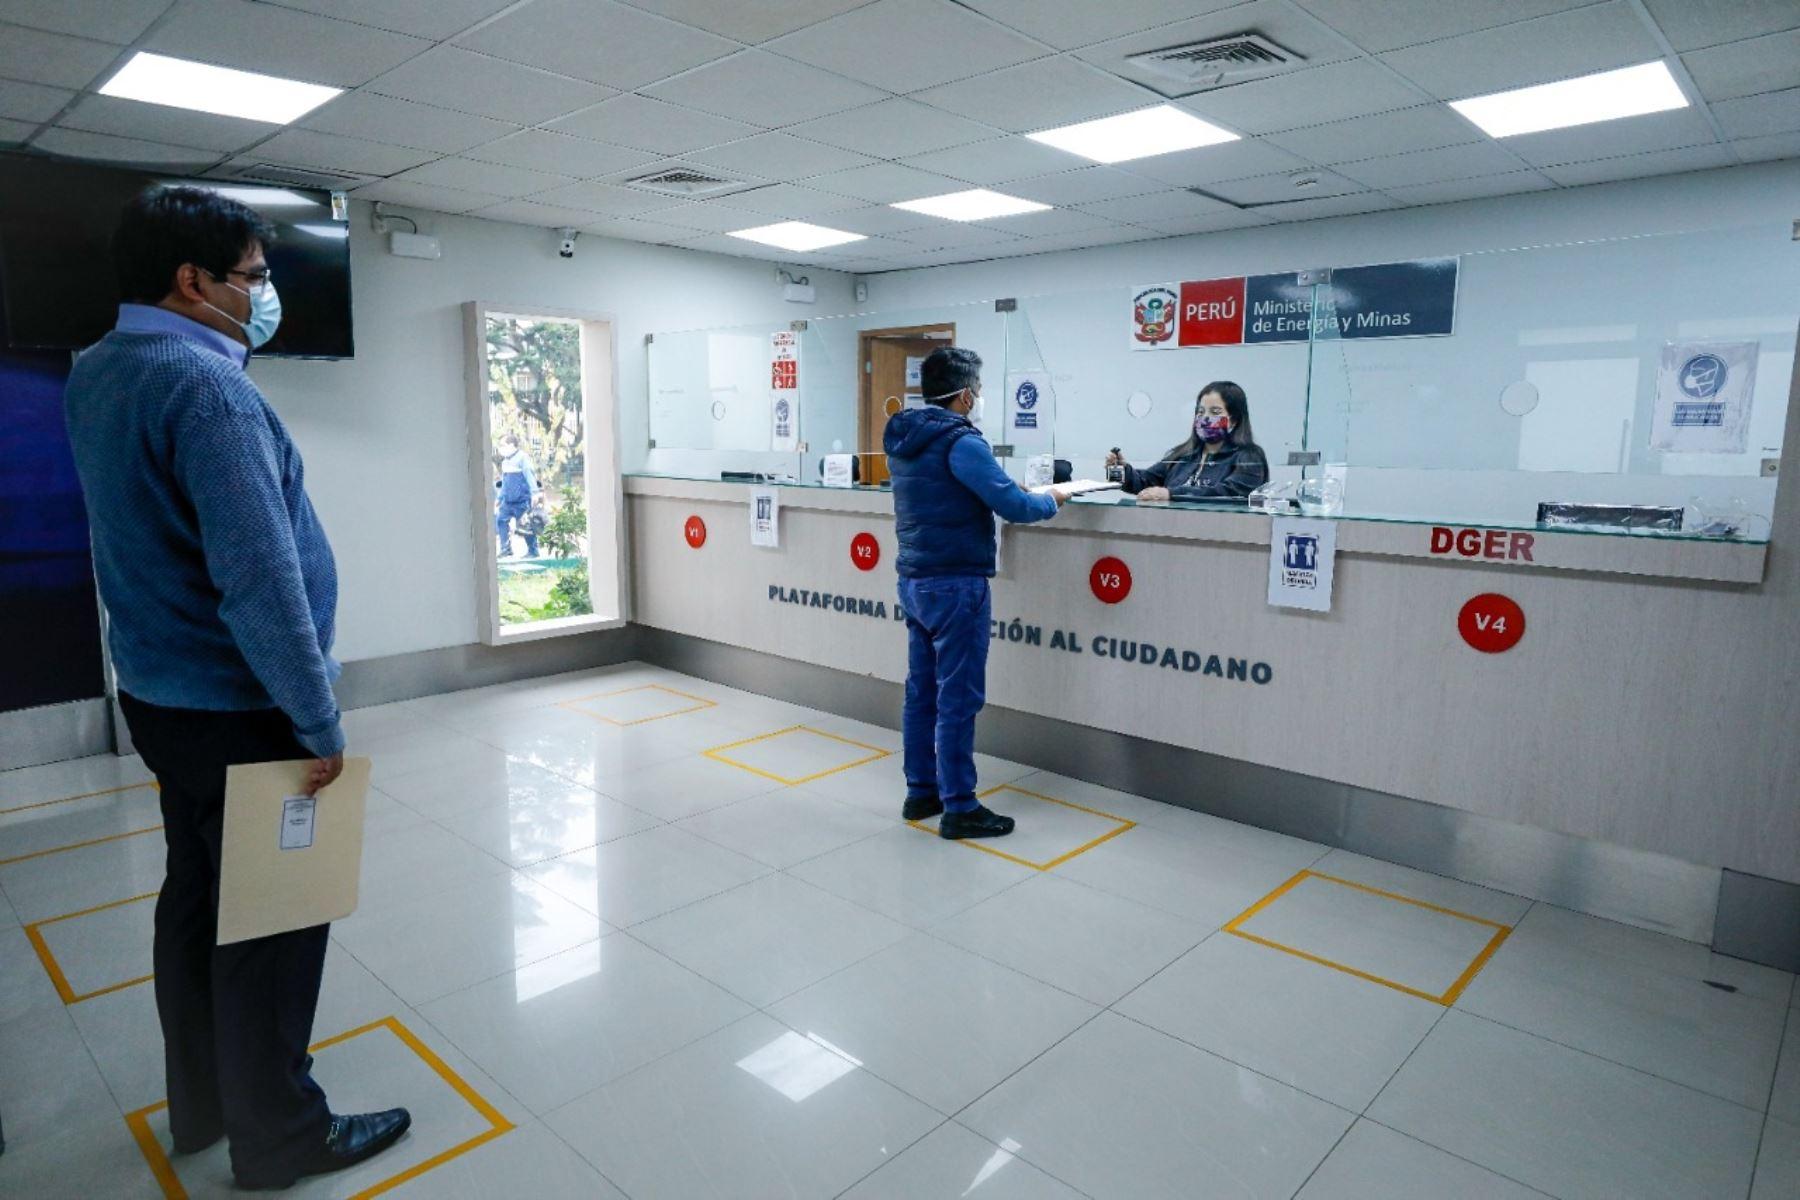 Atención presencial en el Ministerio de Energía y Minas (Minem). Foto: Cortesía.